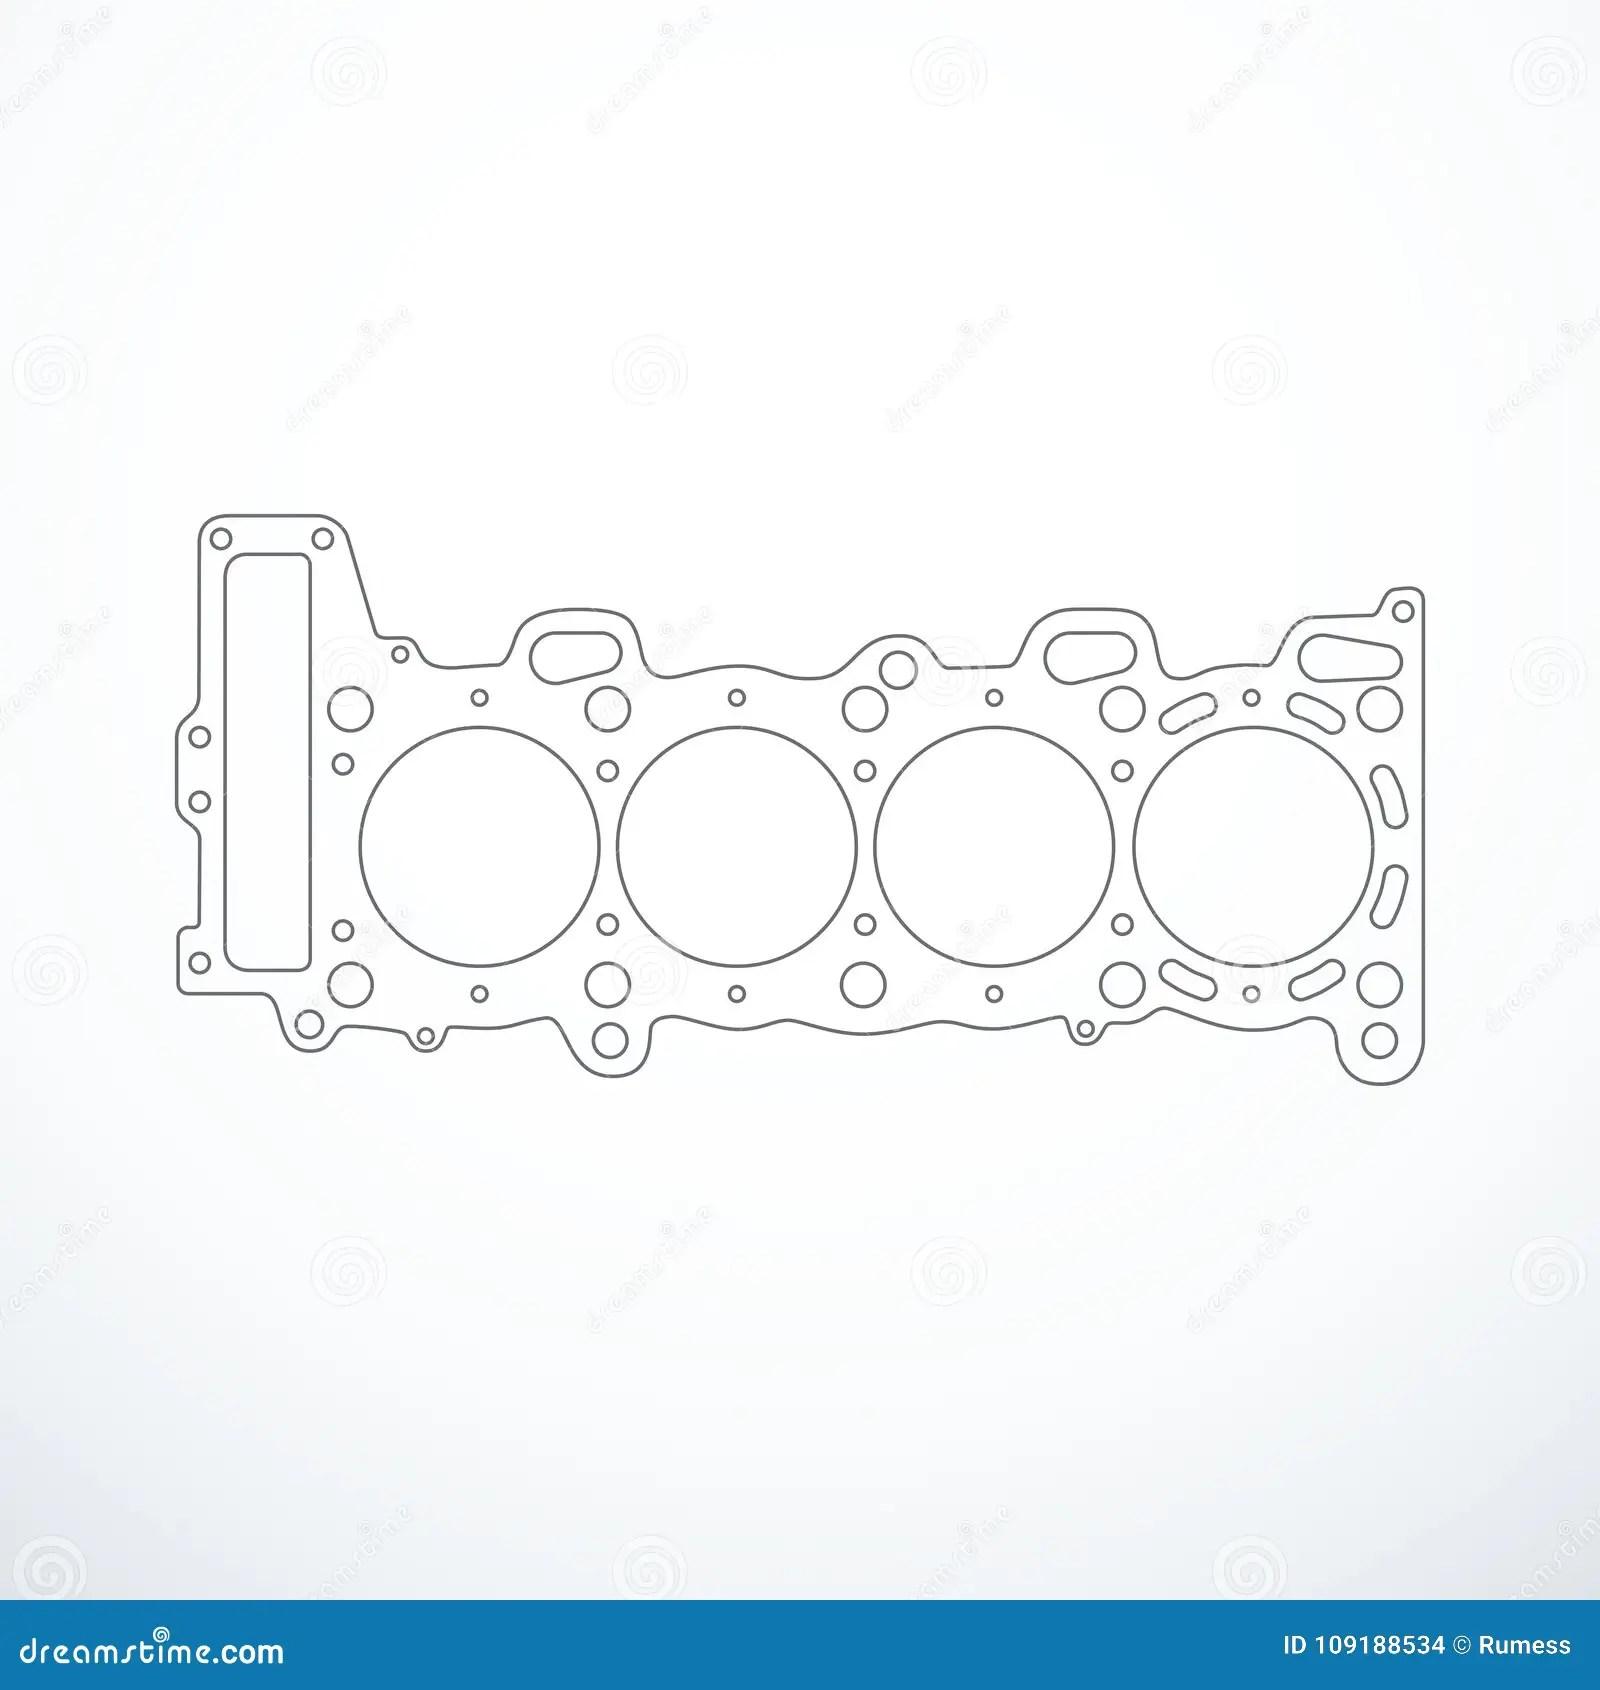 Inline 8 Cylinder Engine